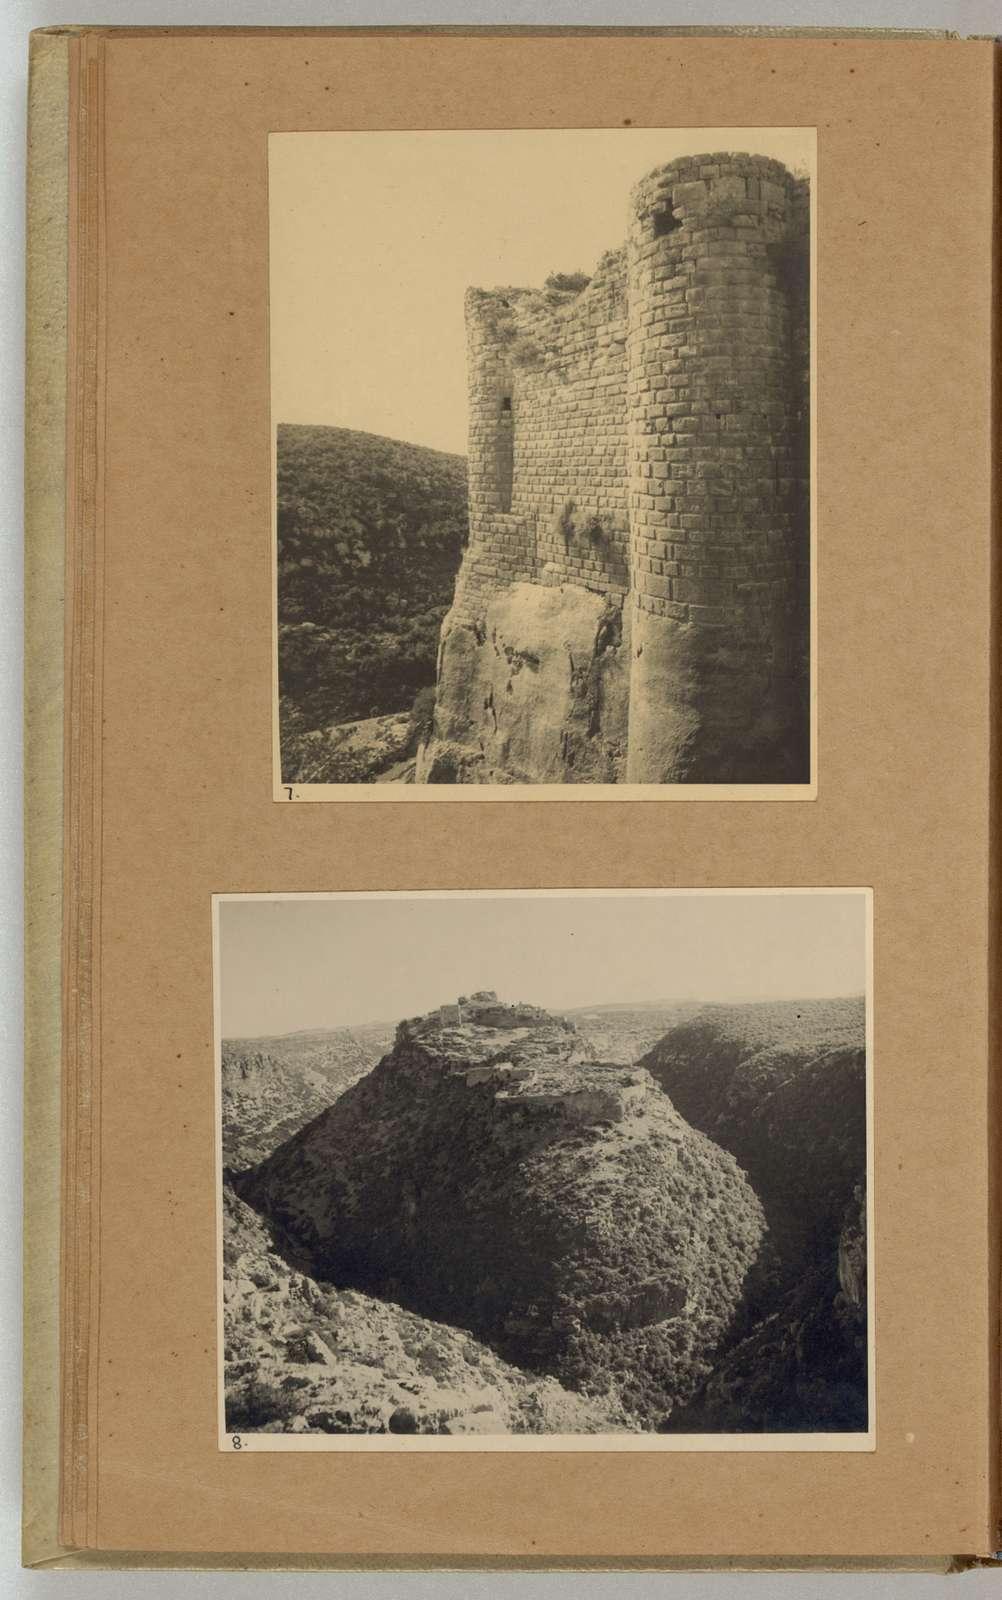 Trip to Cappadocia, 1935, vol. I